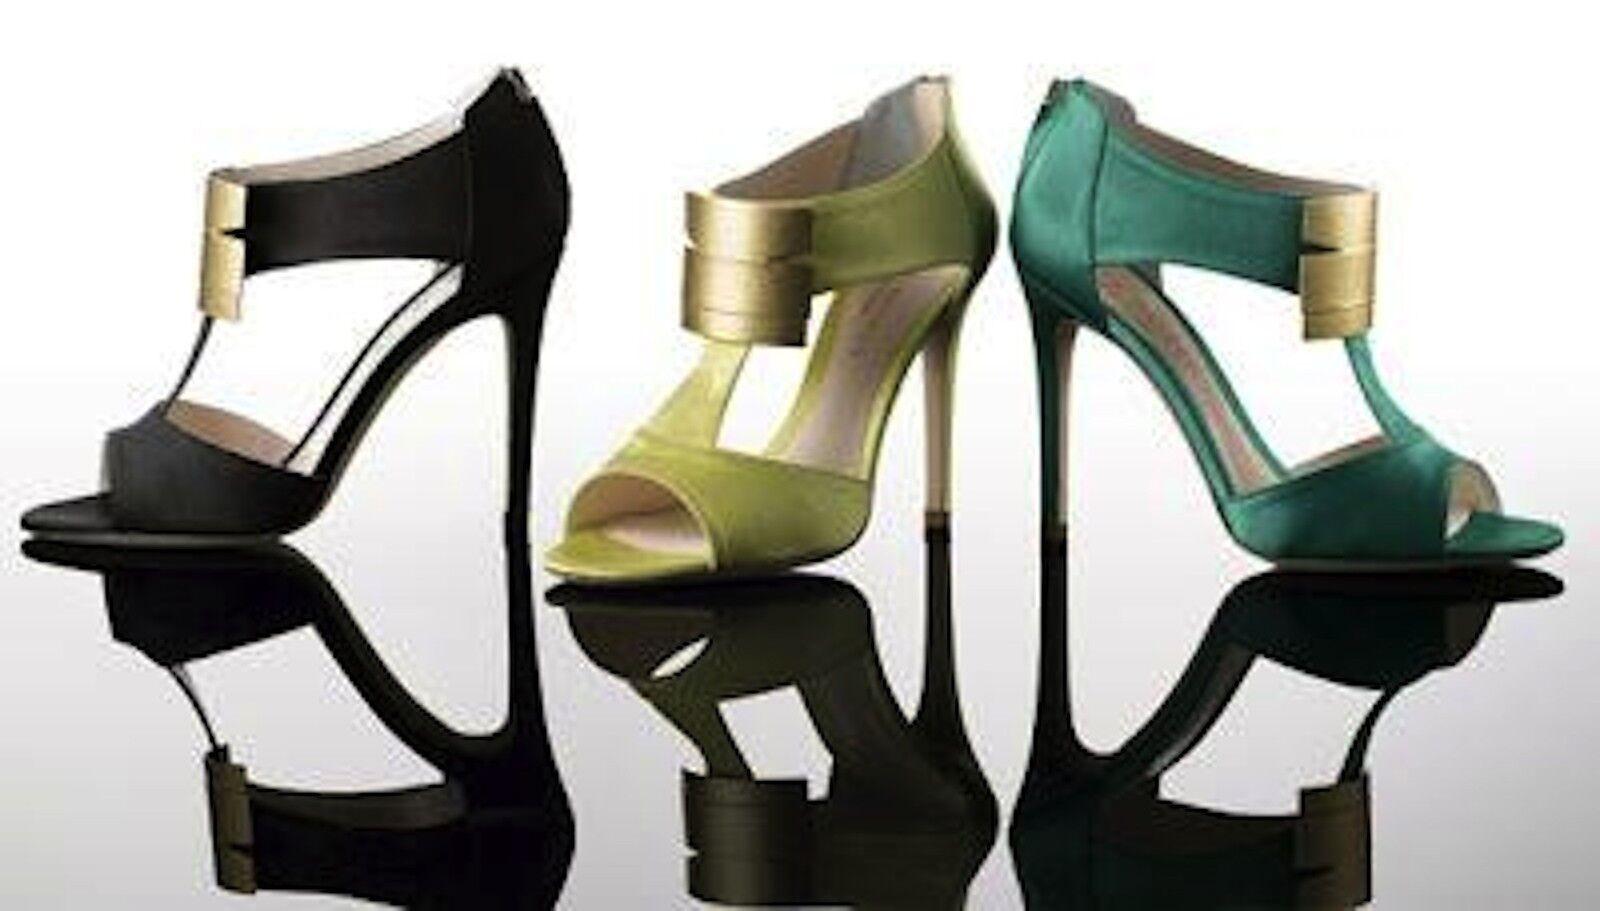 NIB Coye NOKES Cleopatra sandals heels satin shoes Emerald 36,5 EU US 6,5